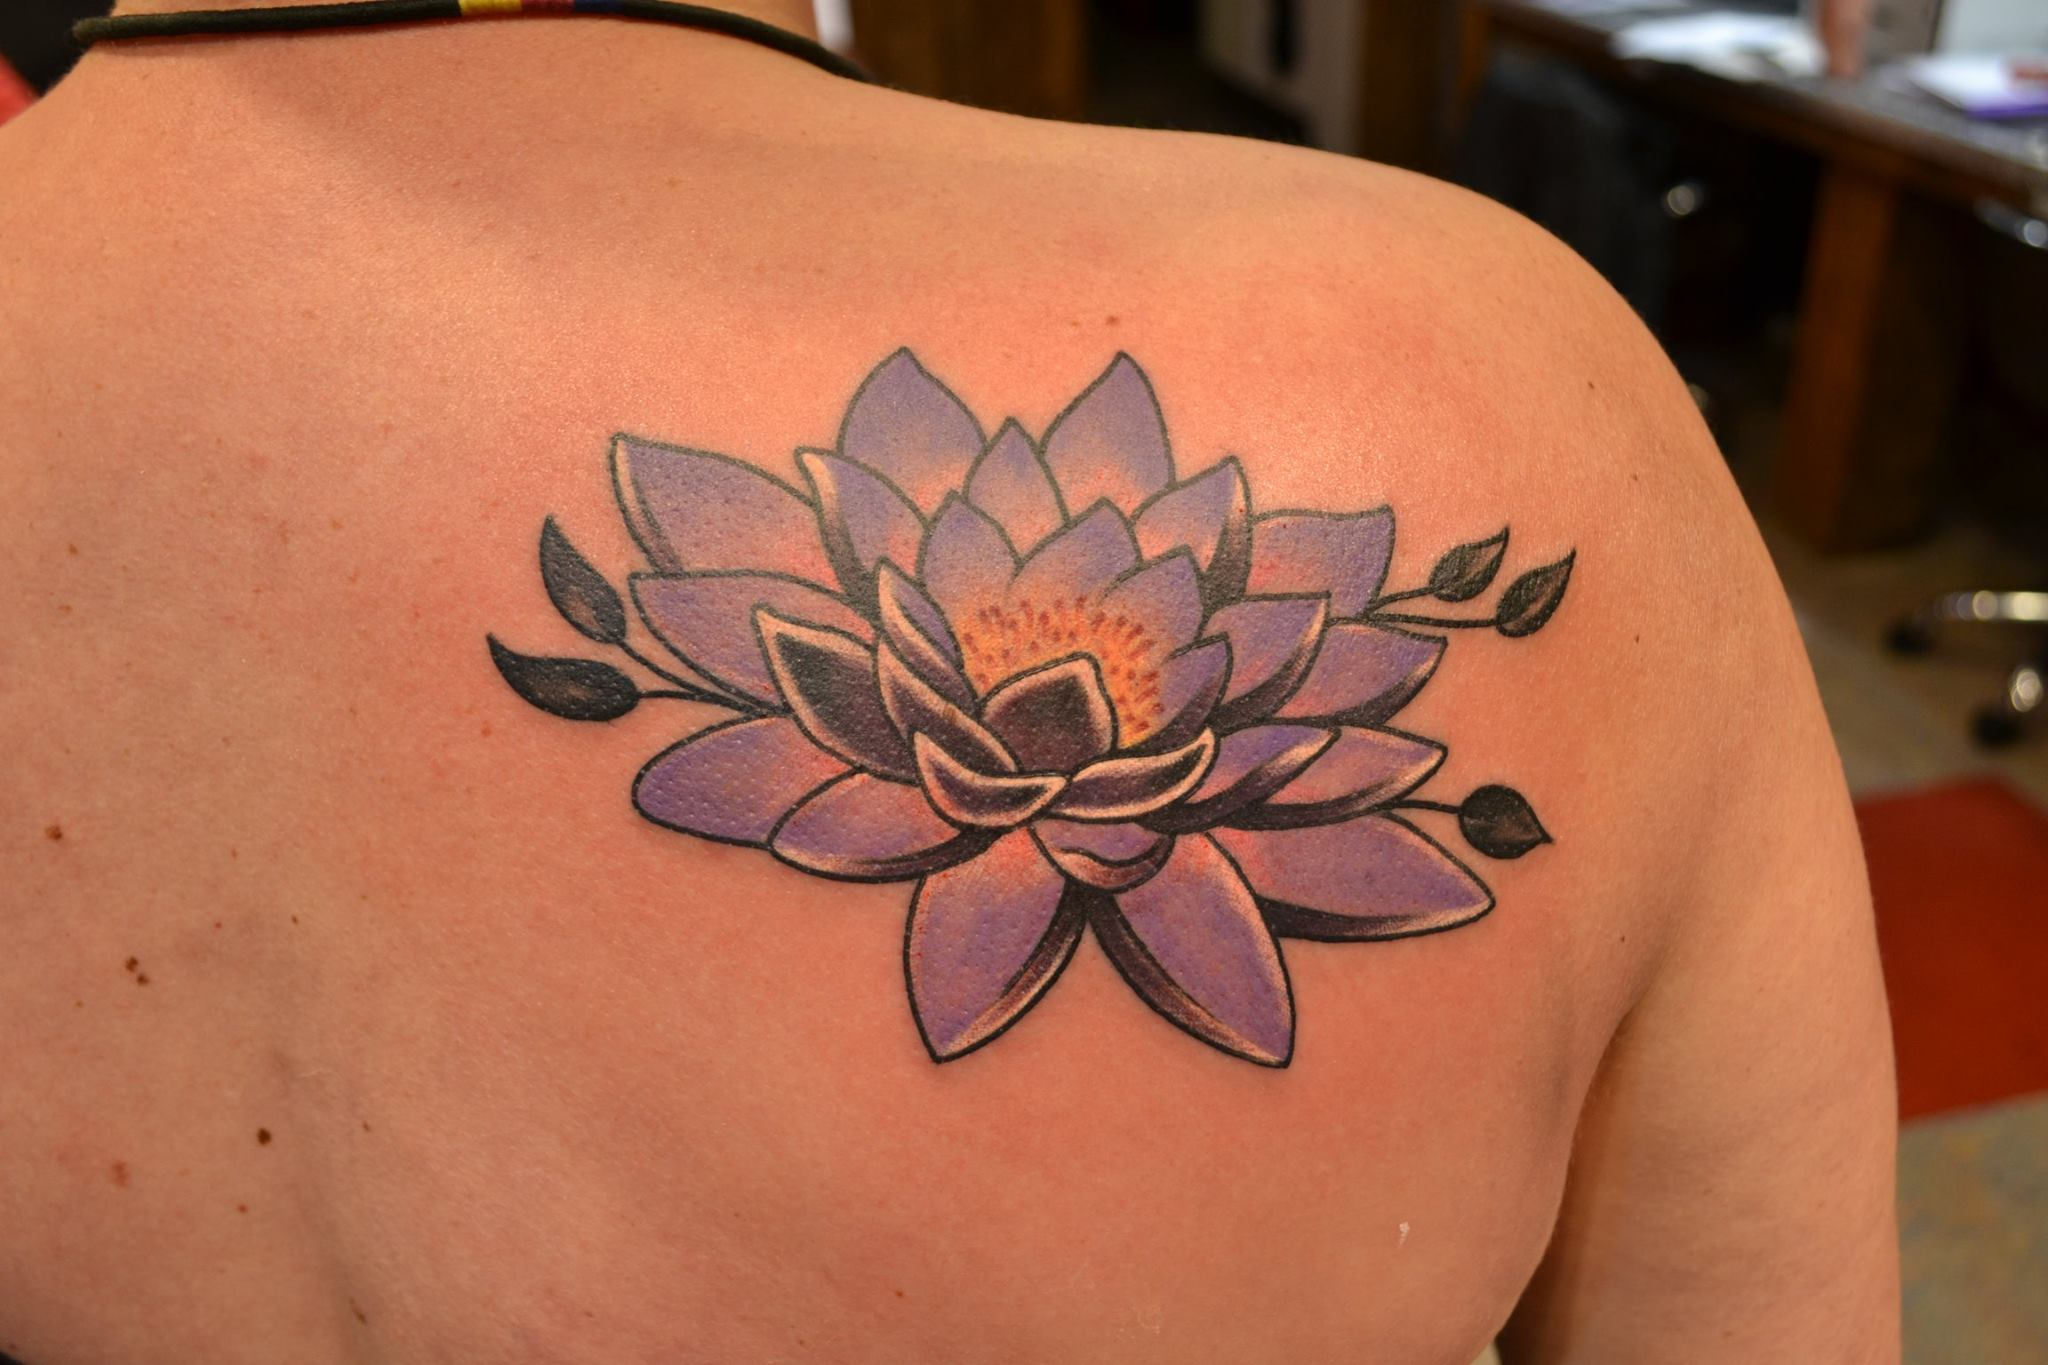 Tatuaggi Fiori Di Loto Immagini Foto Significato E Simbologia